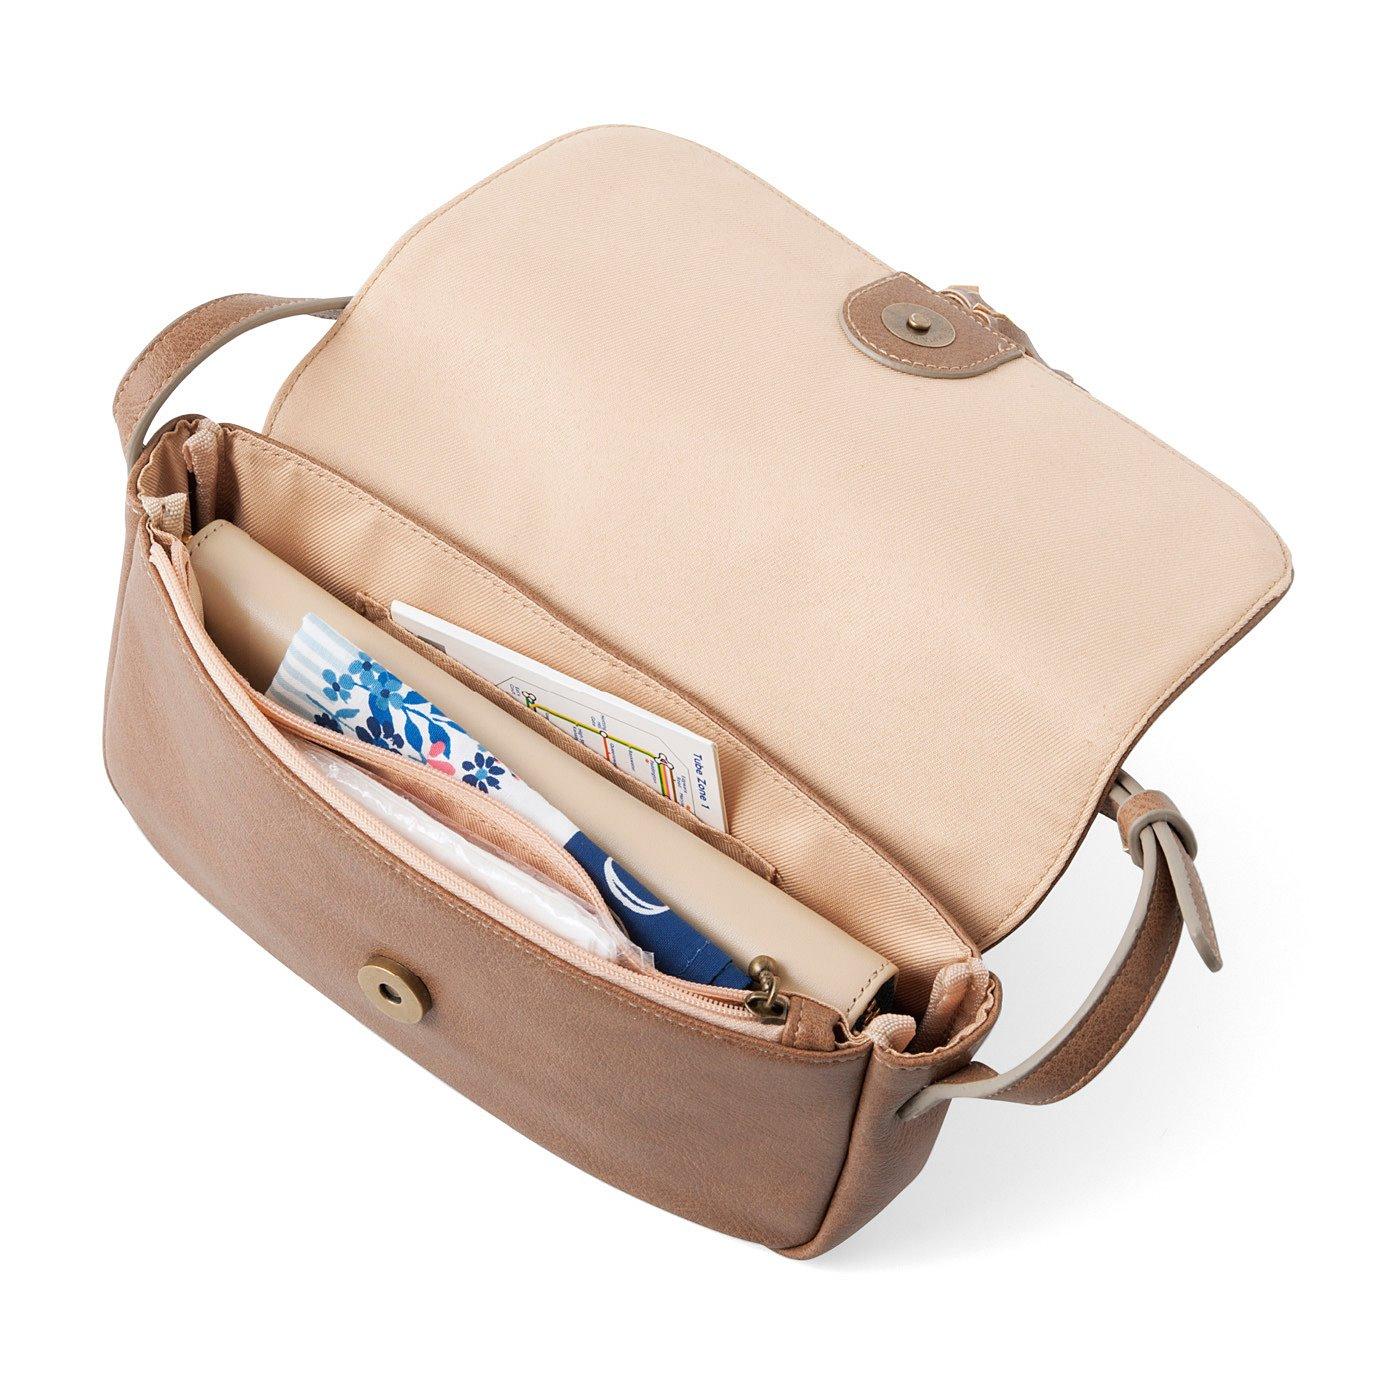 ファスナーポケット1個、オープンポケット1個。長財布が入るサイズです。